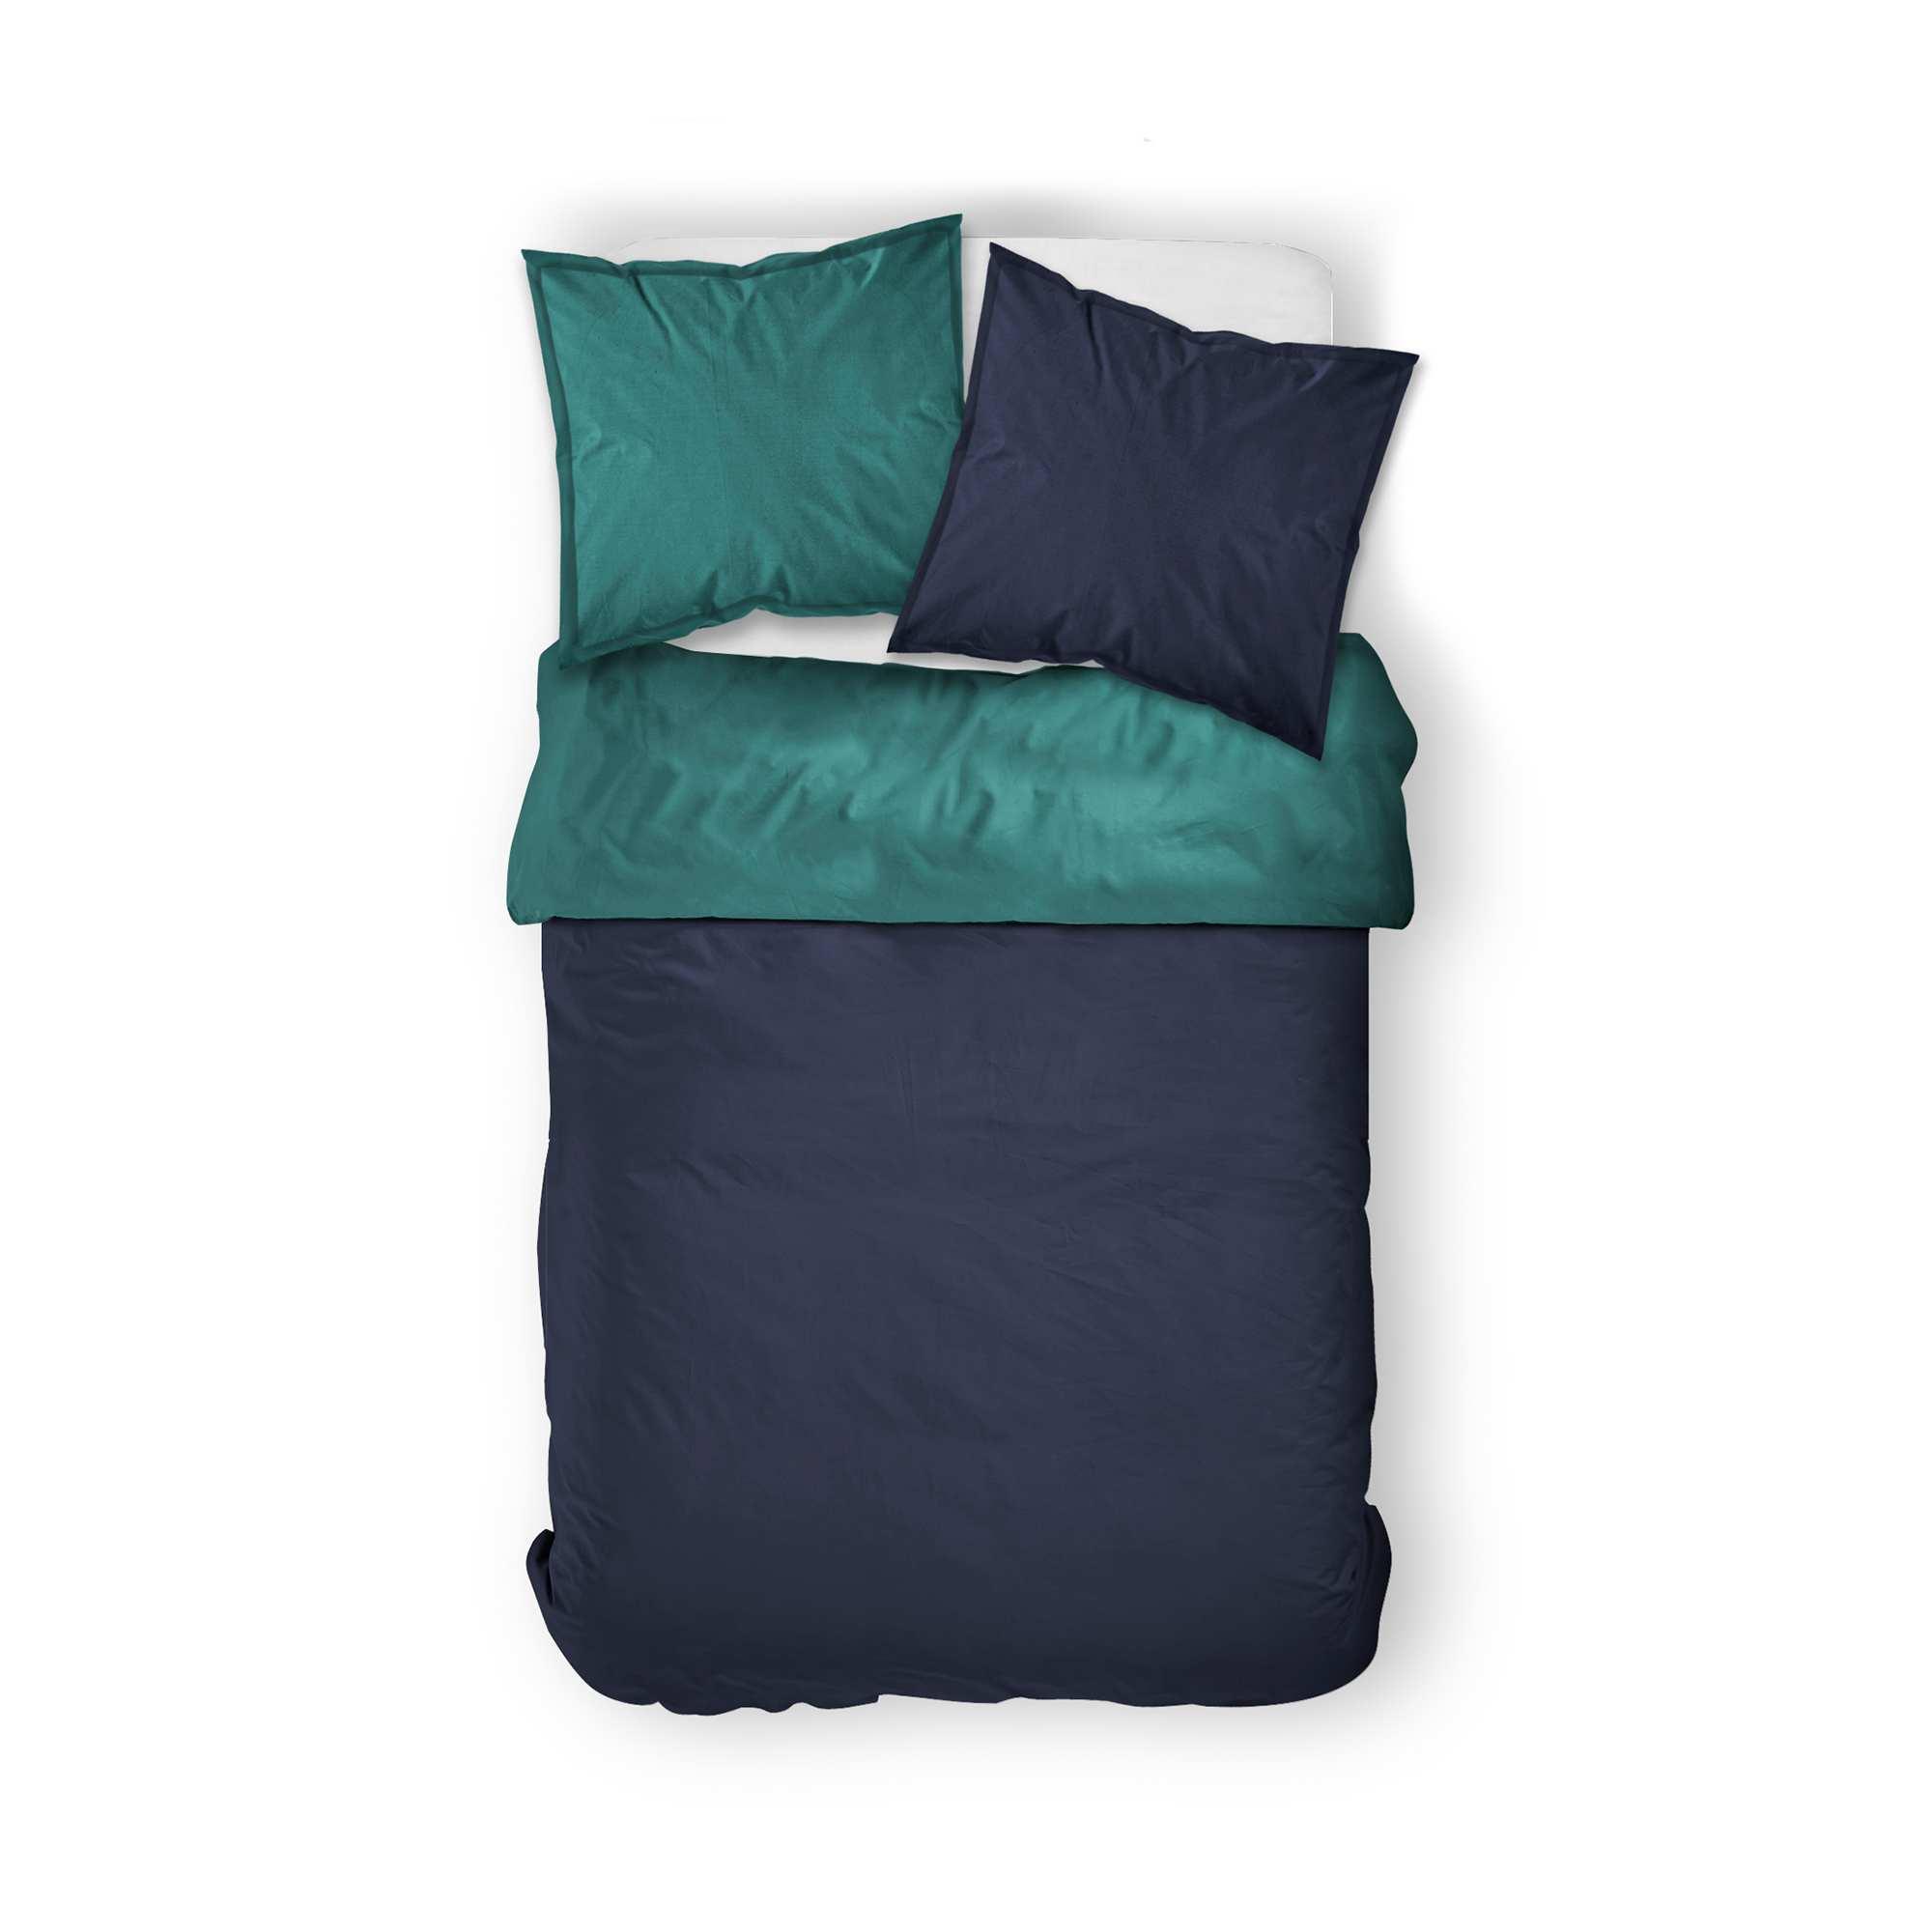 7c1d91a77b Parure letto matrimoniale bicolore blu marino/blu anatra Casa. Loading zoom